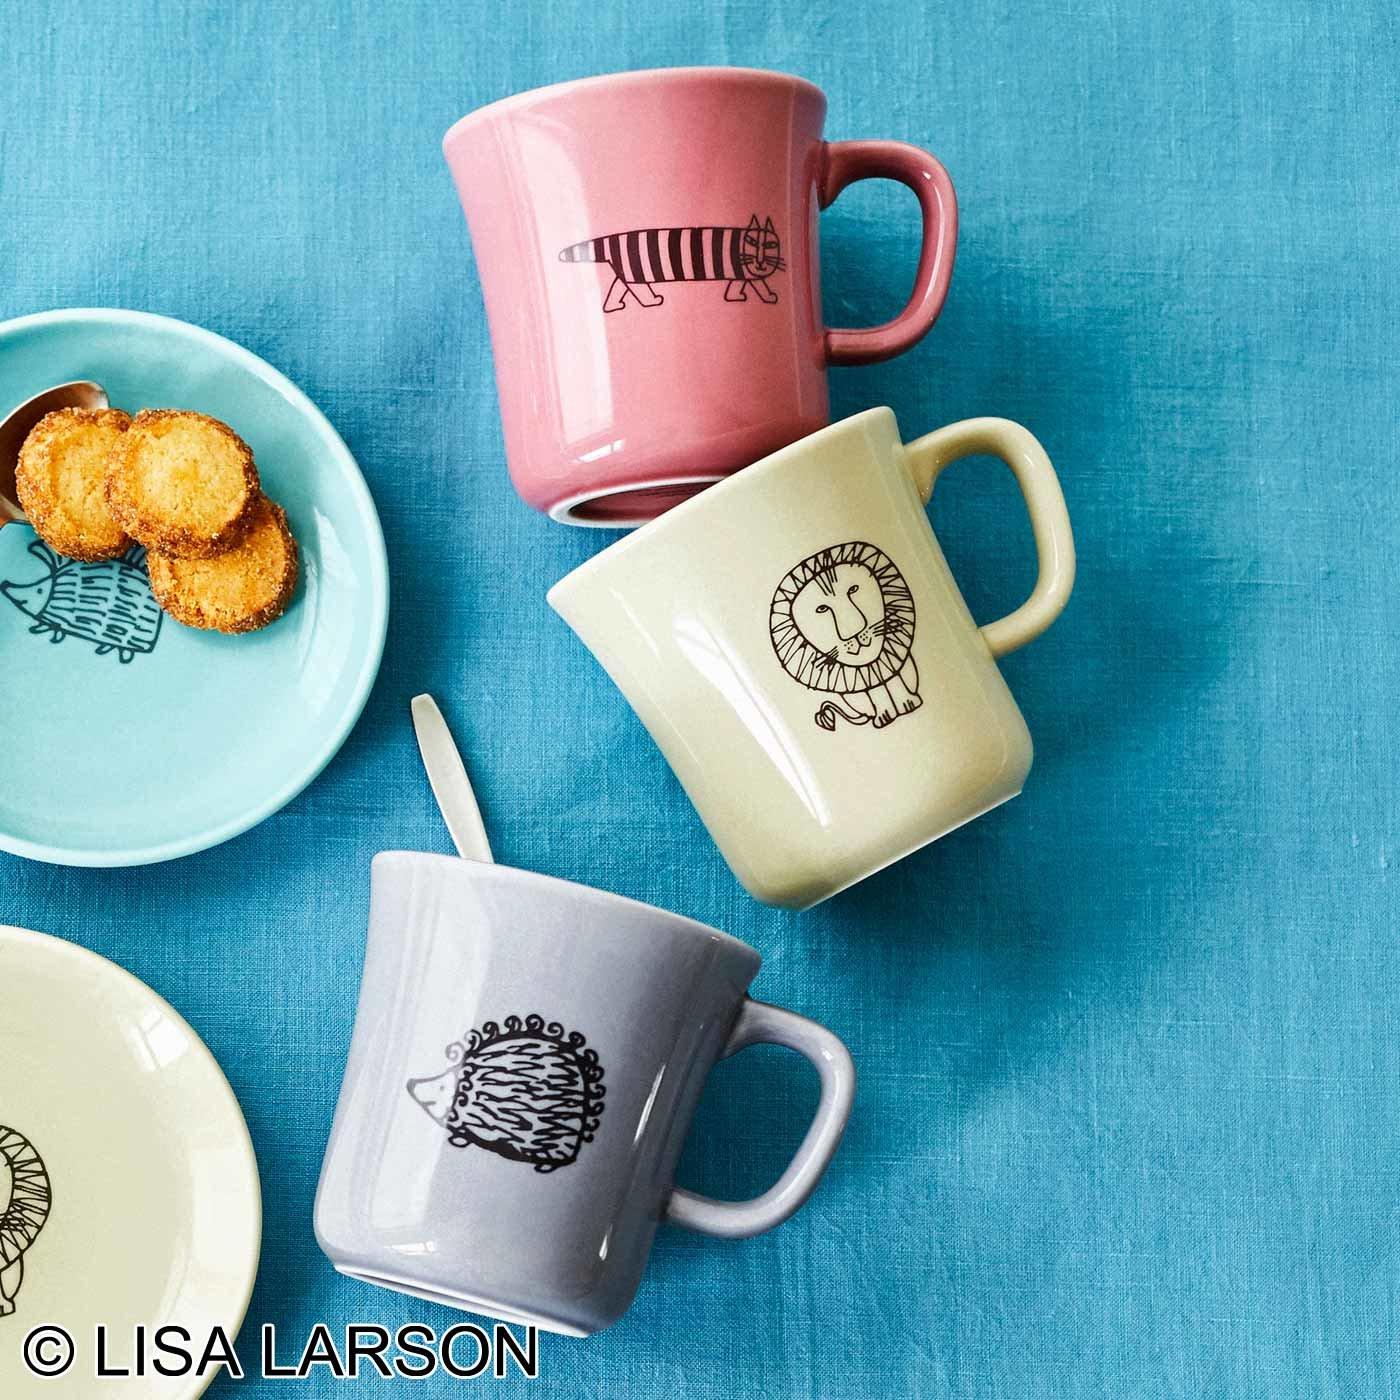 リサ・ラーソン ニュアンスカラーで彩るお茶時間 たっぷり入るマグカップの会